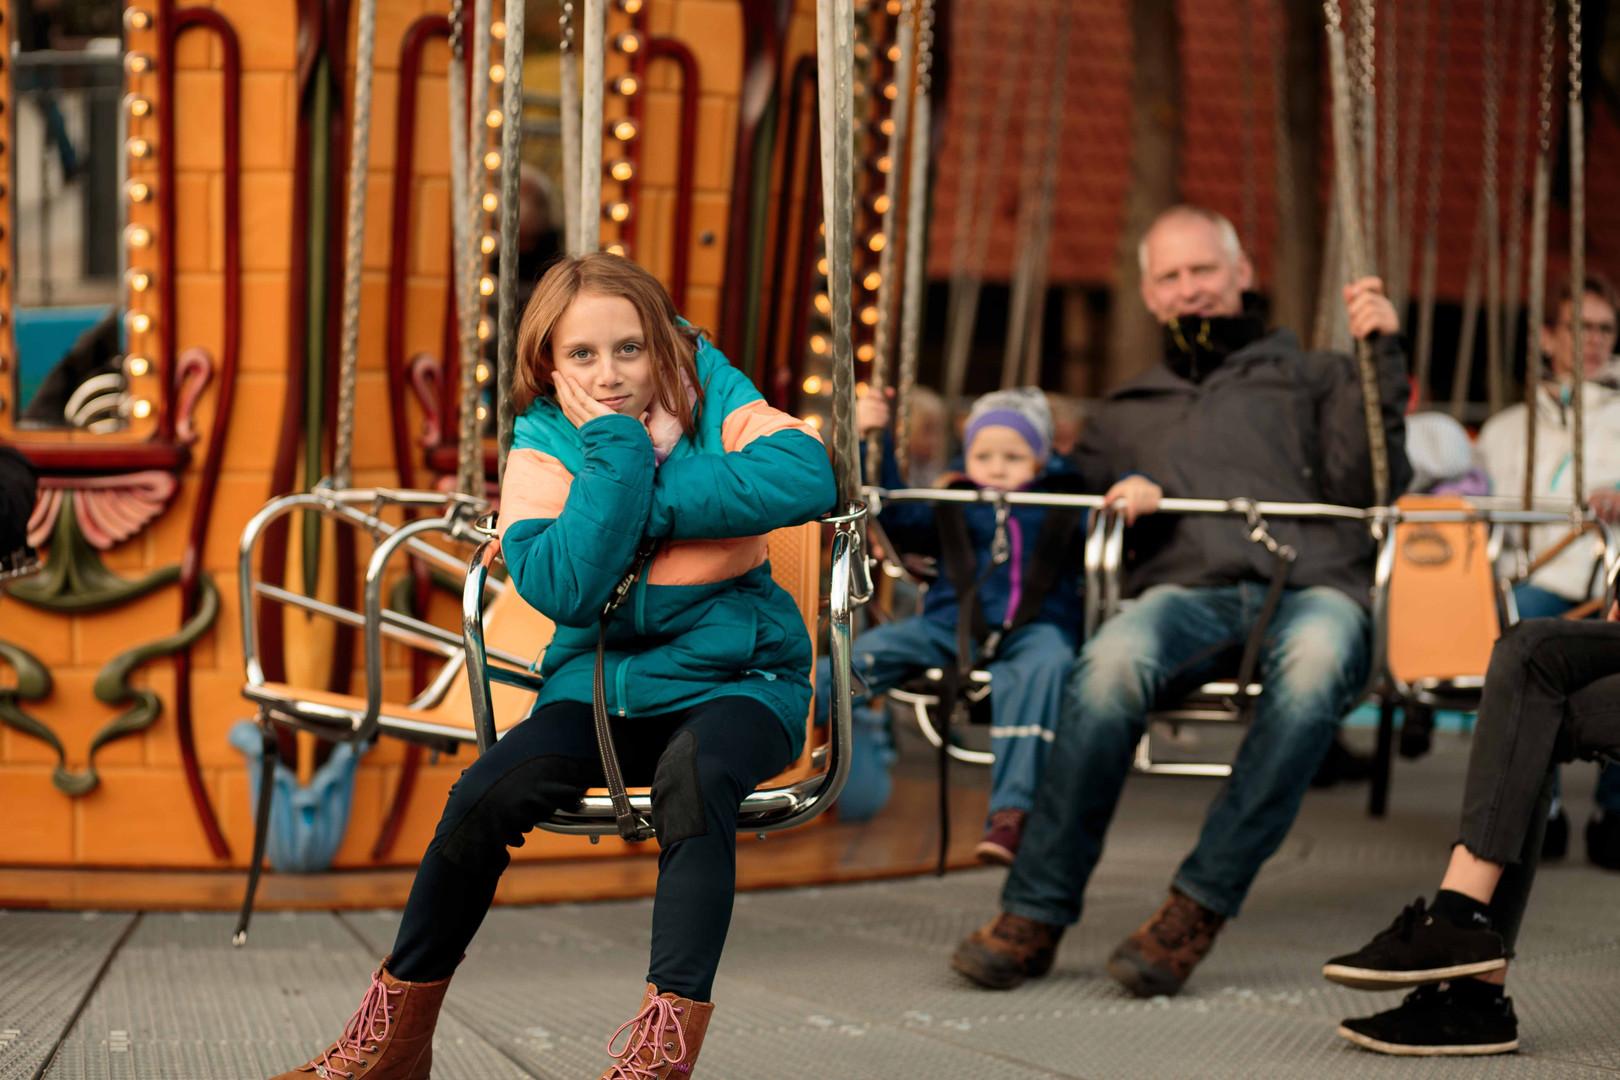 Hansa Park Kinder-Fotografie GOLDBEAK